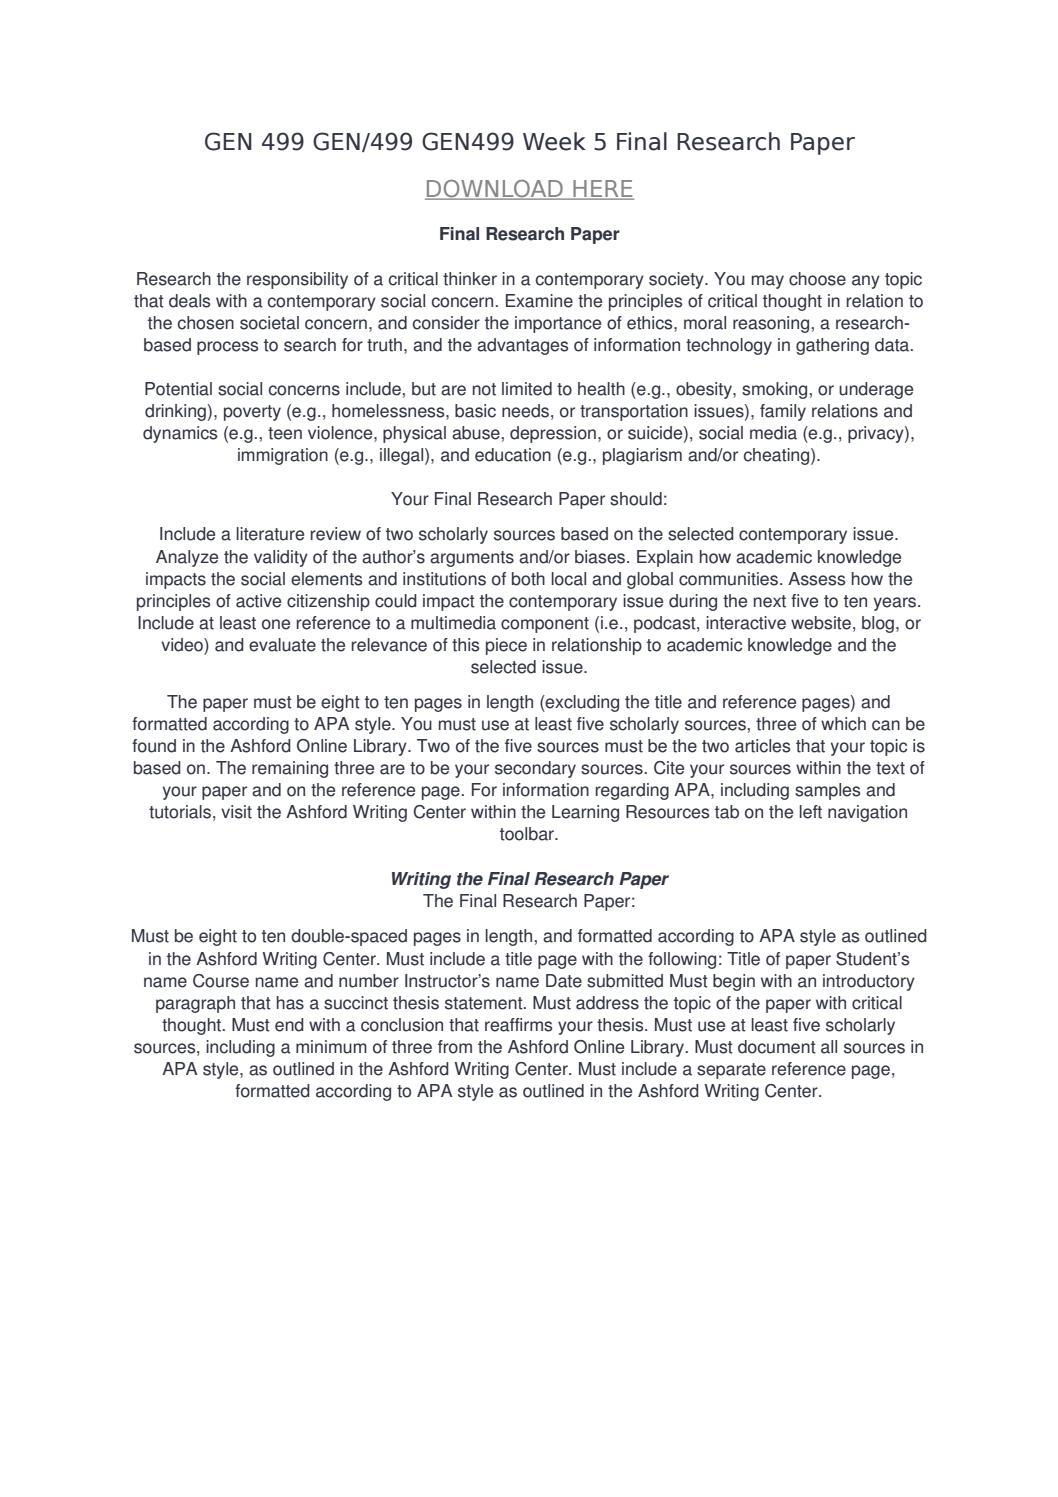 final research paper gen499 Gen 499 week 5 assignment final research paper $1500 gen 499 week 5 dq2 $400 gen 499 week 2 assignment critiquing internet sources.